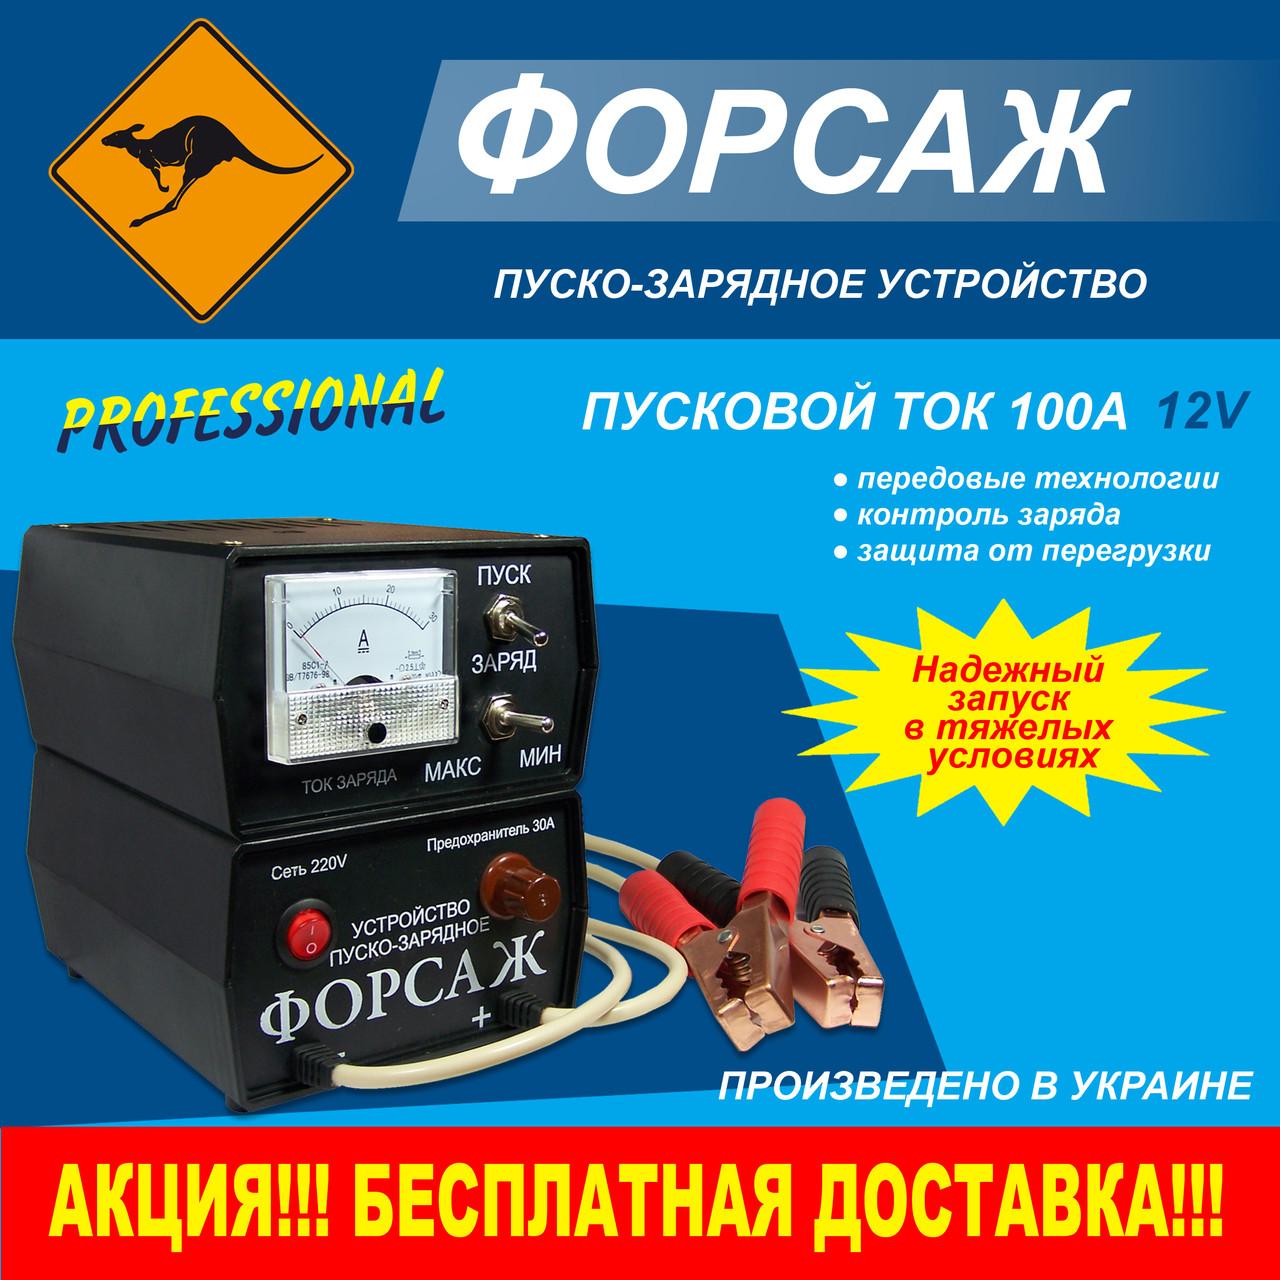 Зарядно-пусковое устройство «Форсаж» - «Кенгуру» — производство автомобильных багажников, пуско-зарядных устройств и автоаксессуаров в Днепропетровске